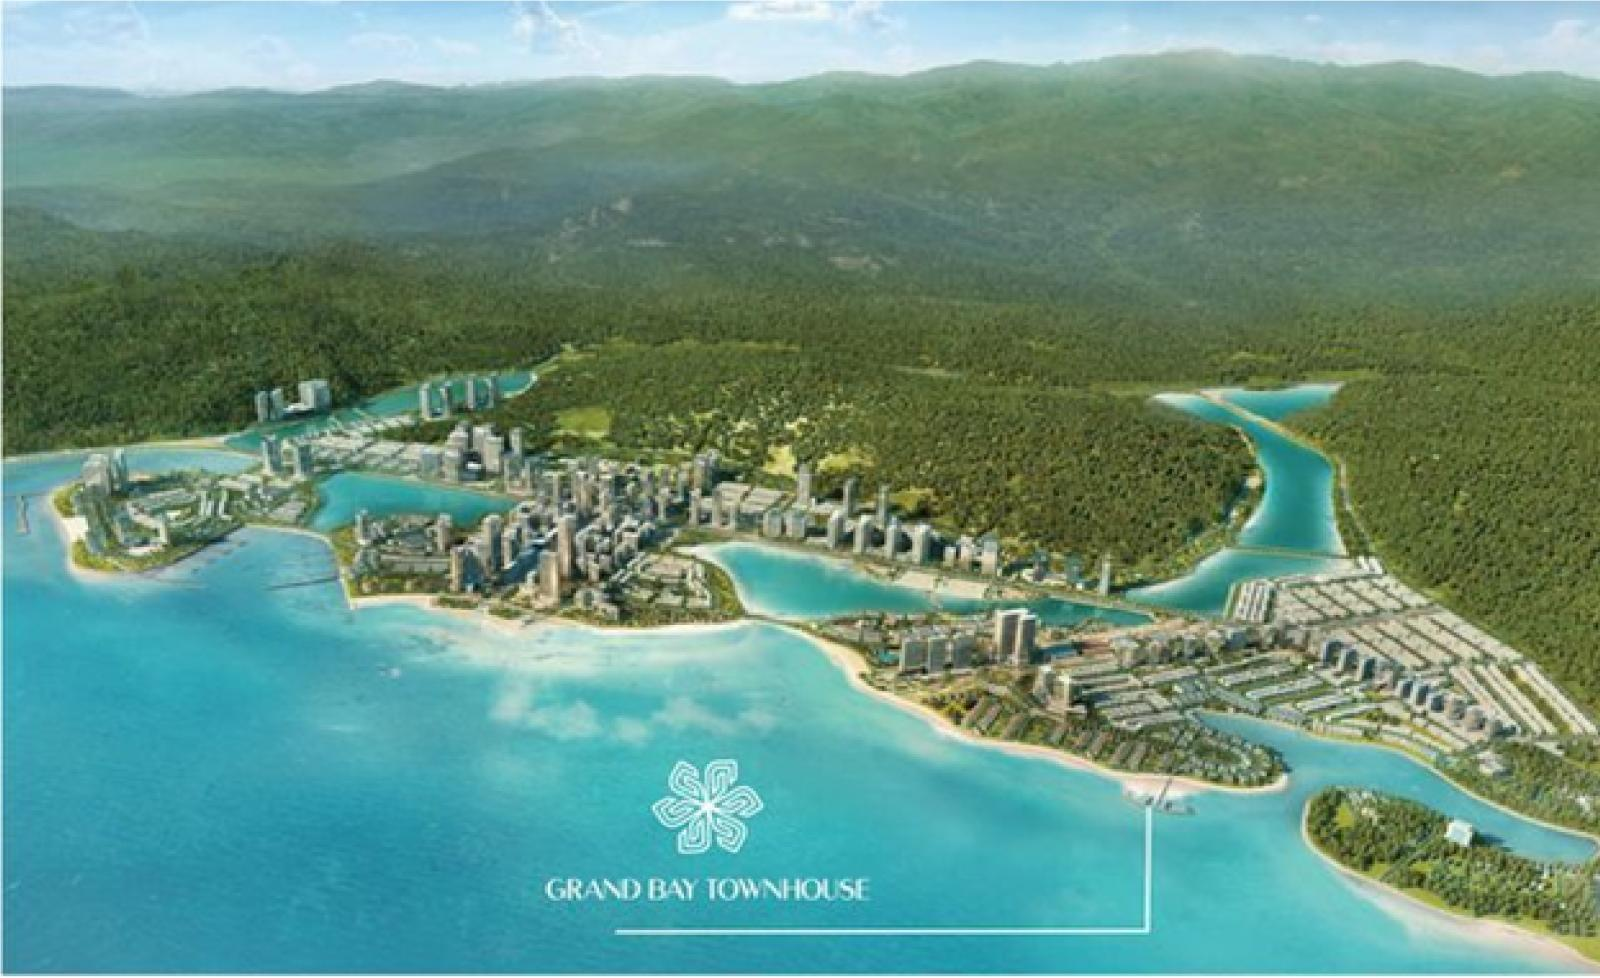 Phối cảnh một quần thể dự án nằm sát biển, phía sau có nhiều cây xanh